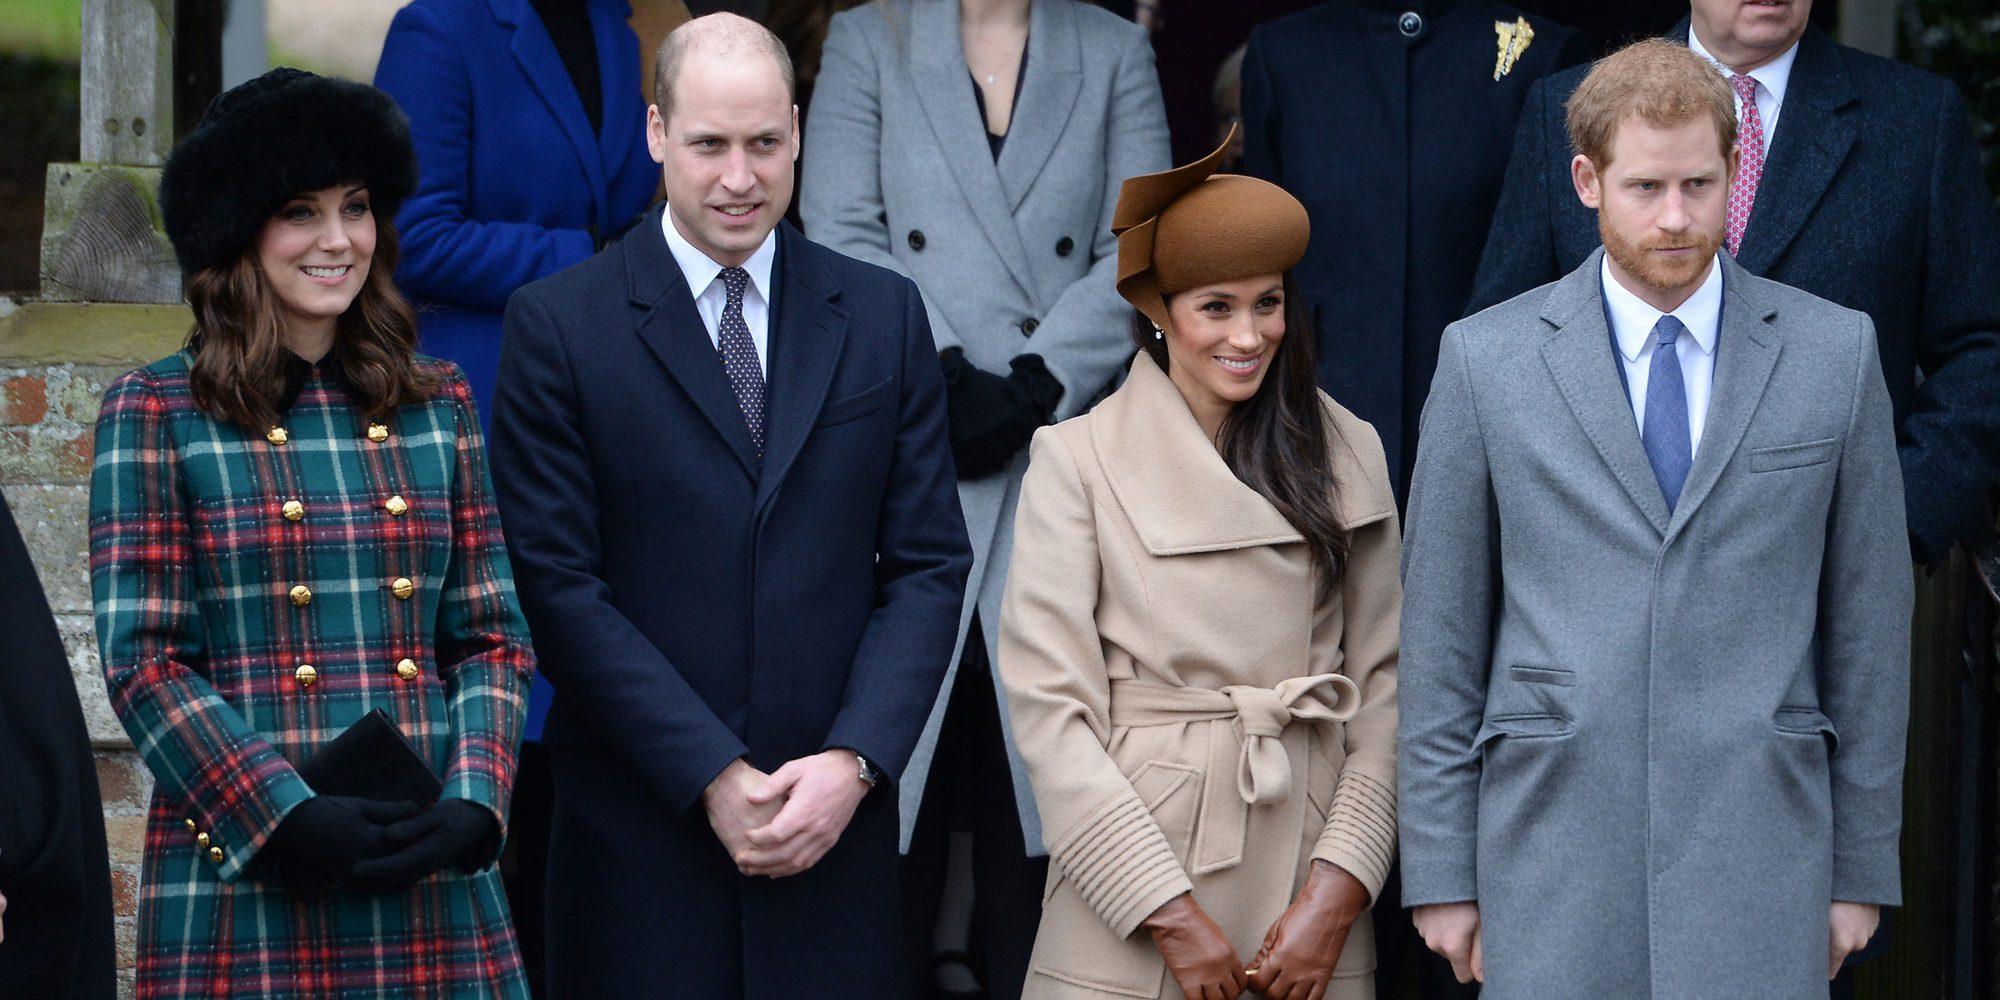 Meghan Markle debuta en la Misa de Navidad en Sandringham arropada por el Príncipe Harry y los Duques de Cambridge